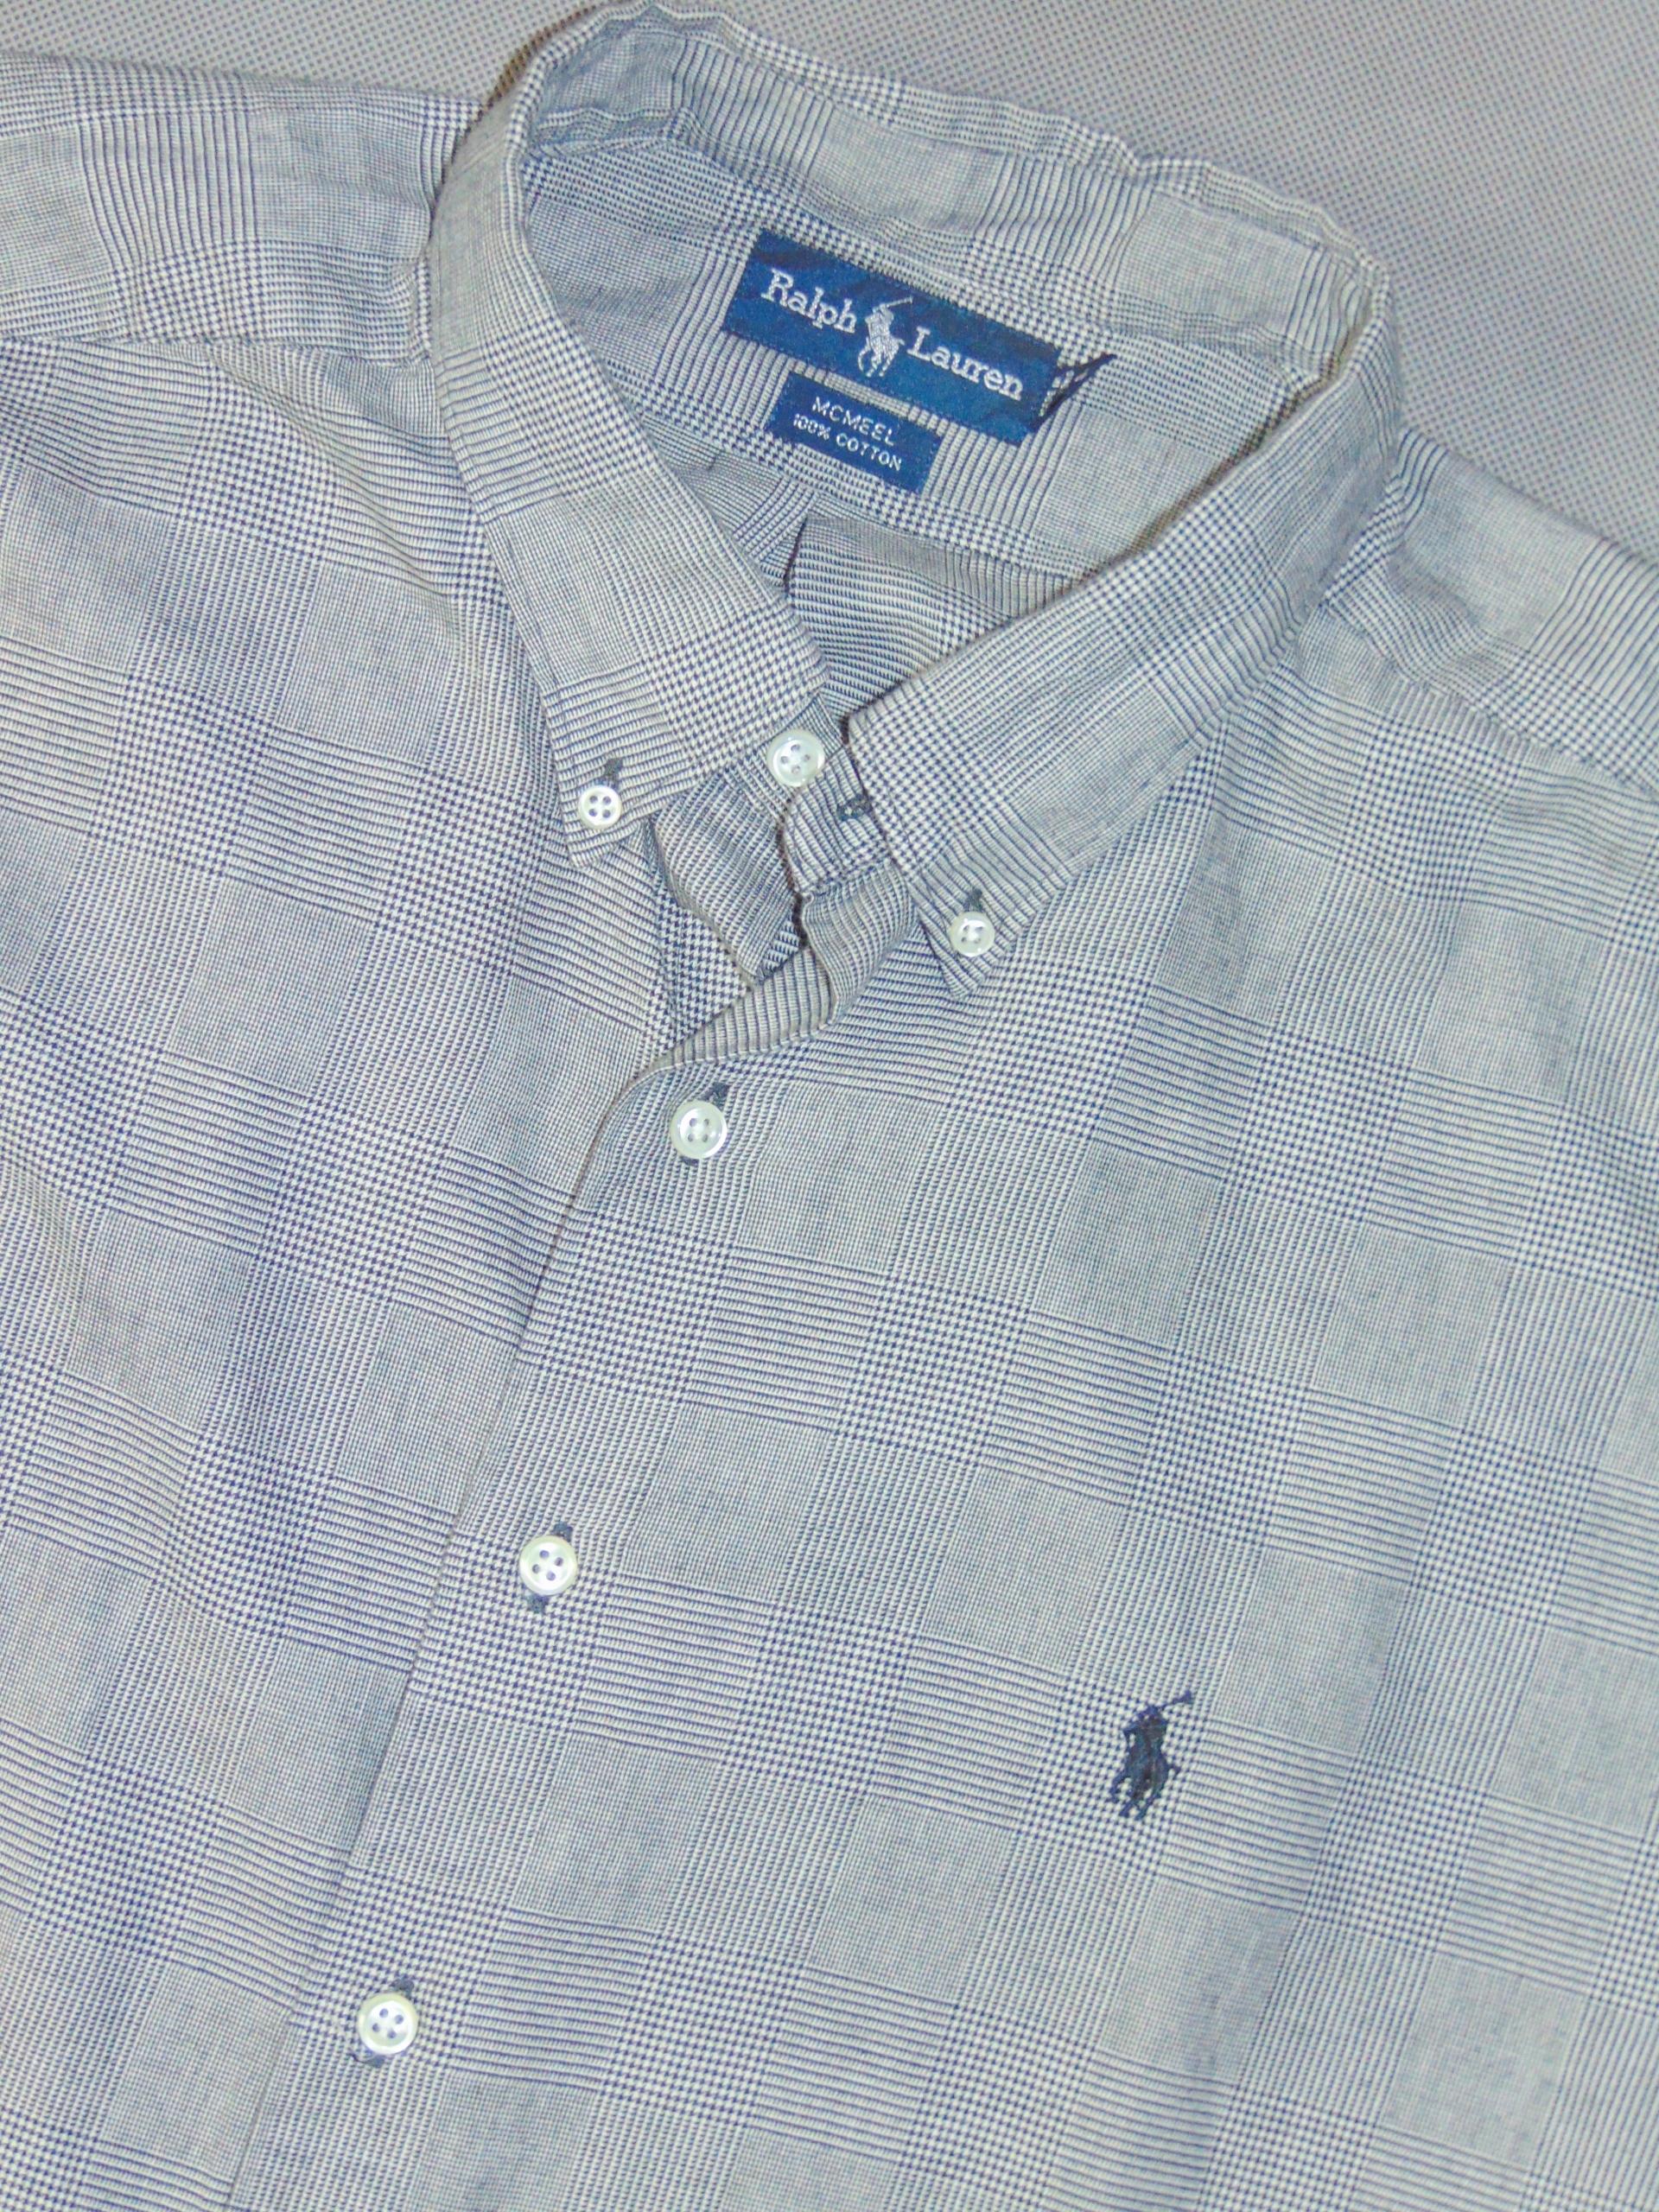 2e5b0a399 RALPH LAUREN koszula męska klsyk DUŻA - XXL - 7605138854 - oficjalne ...